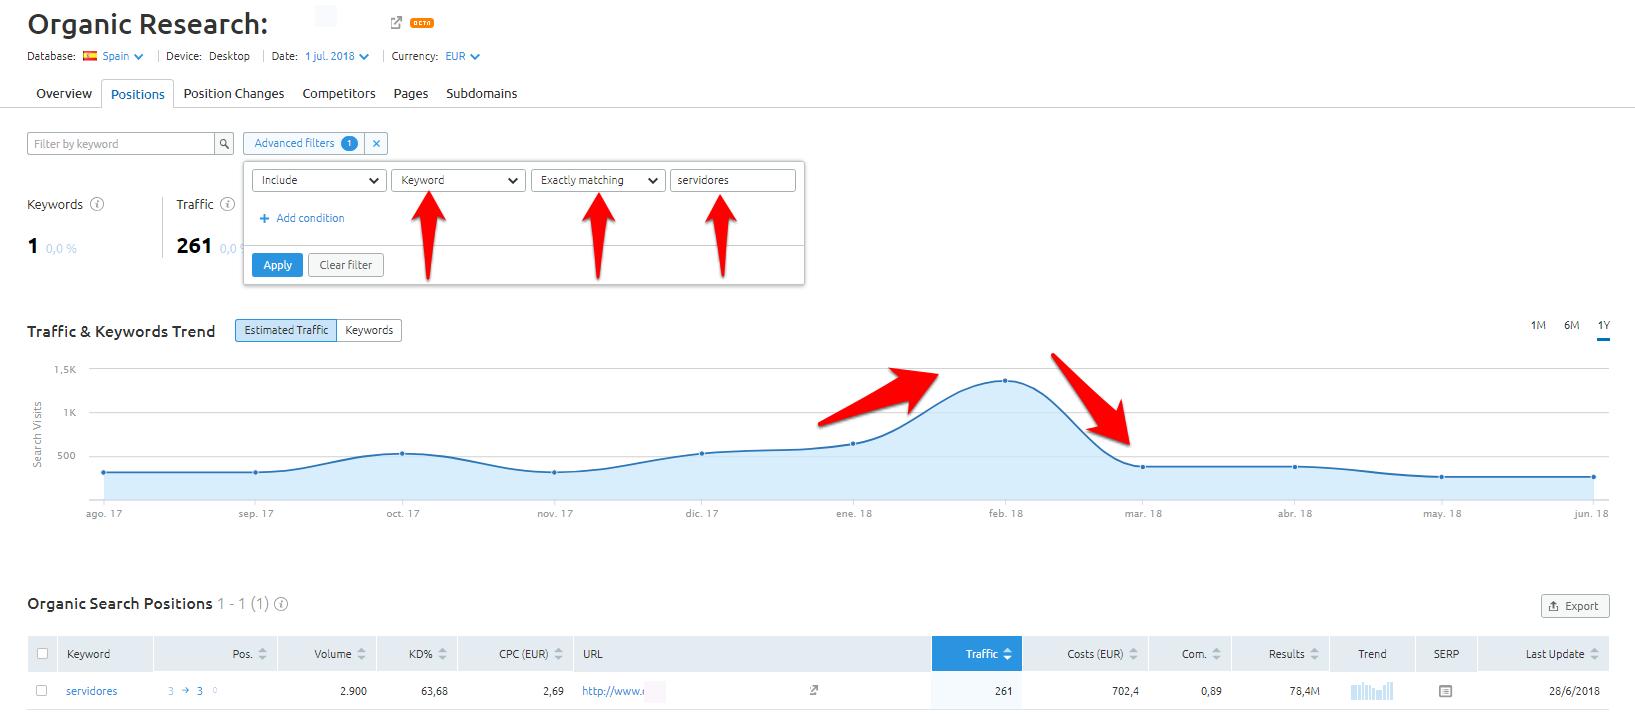 Nueva investigación orgánica -Gráficos en tiempo real por keyword